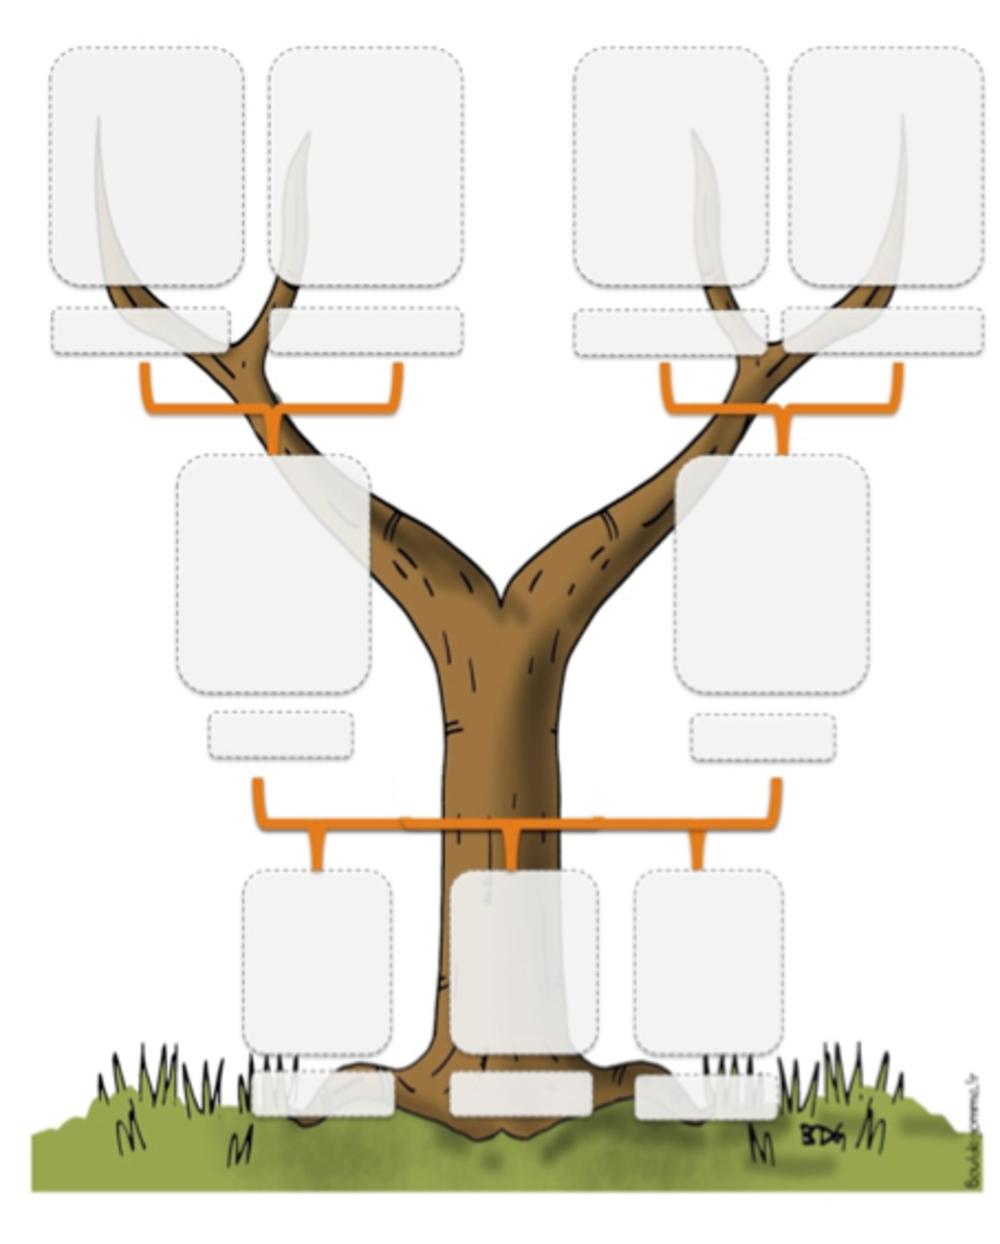 Ddm le temps l arbre g n alogique bout de gomme - Arbre genealogique dessin ...